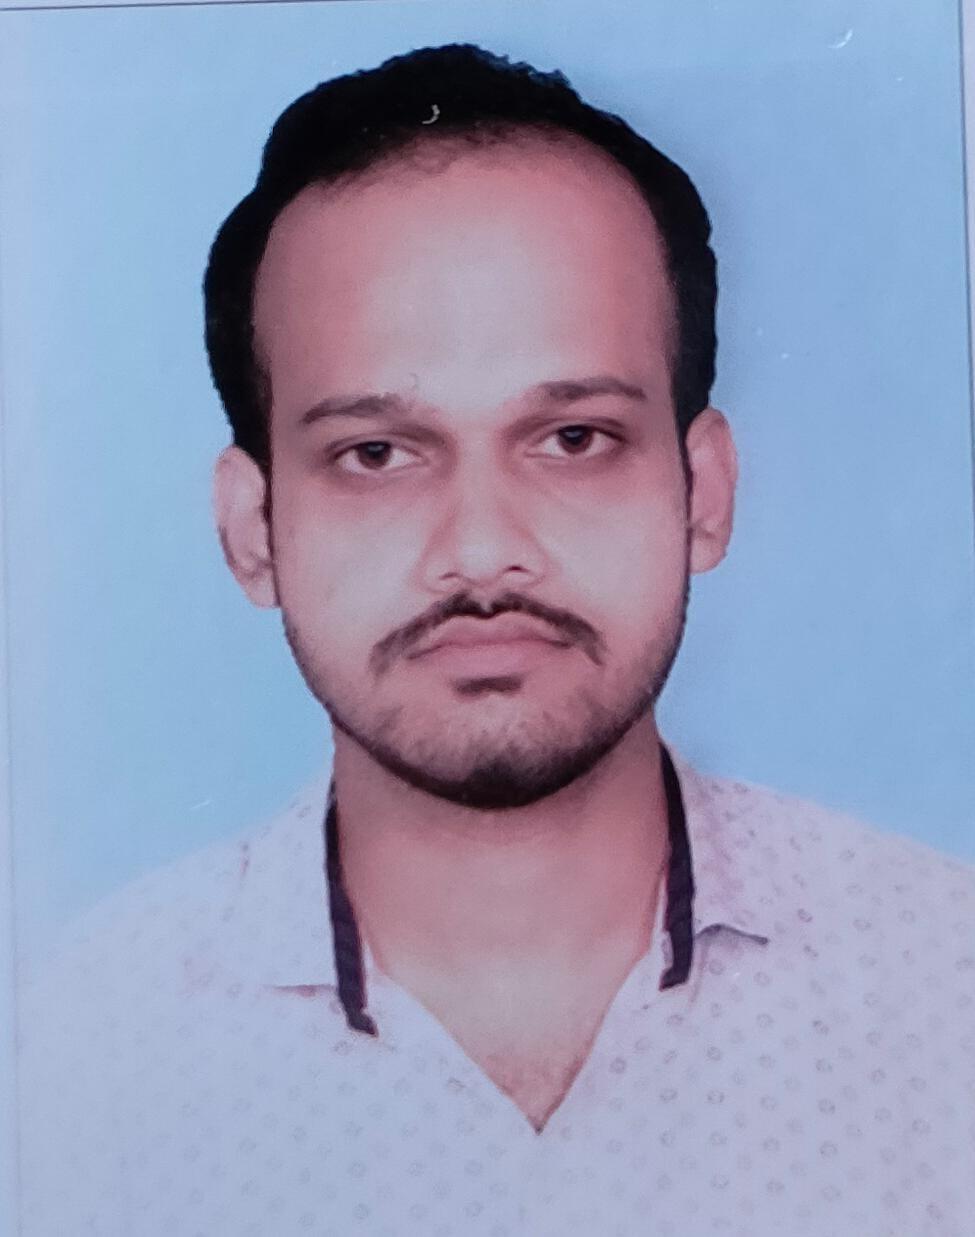 Sayan Kumar Khan